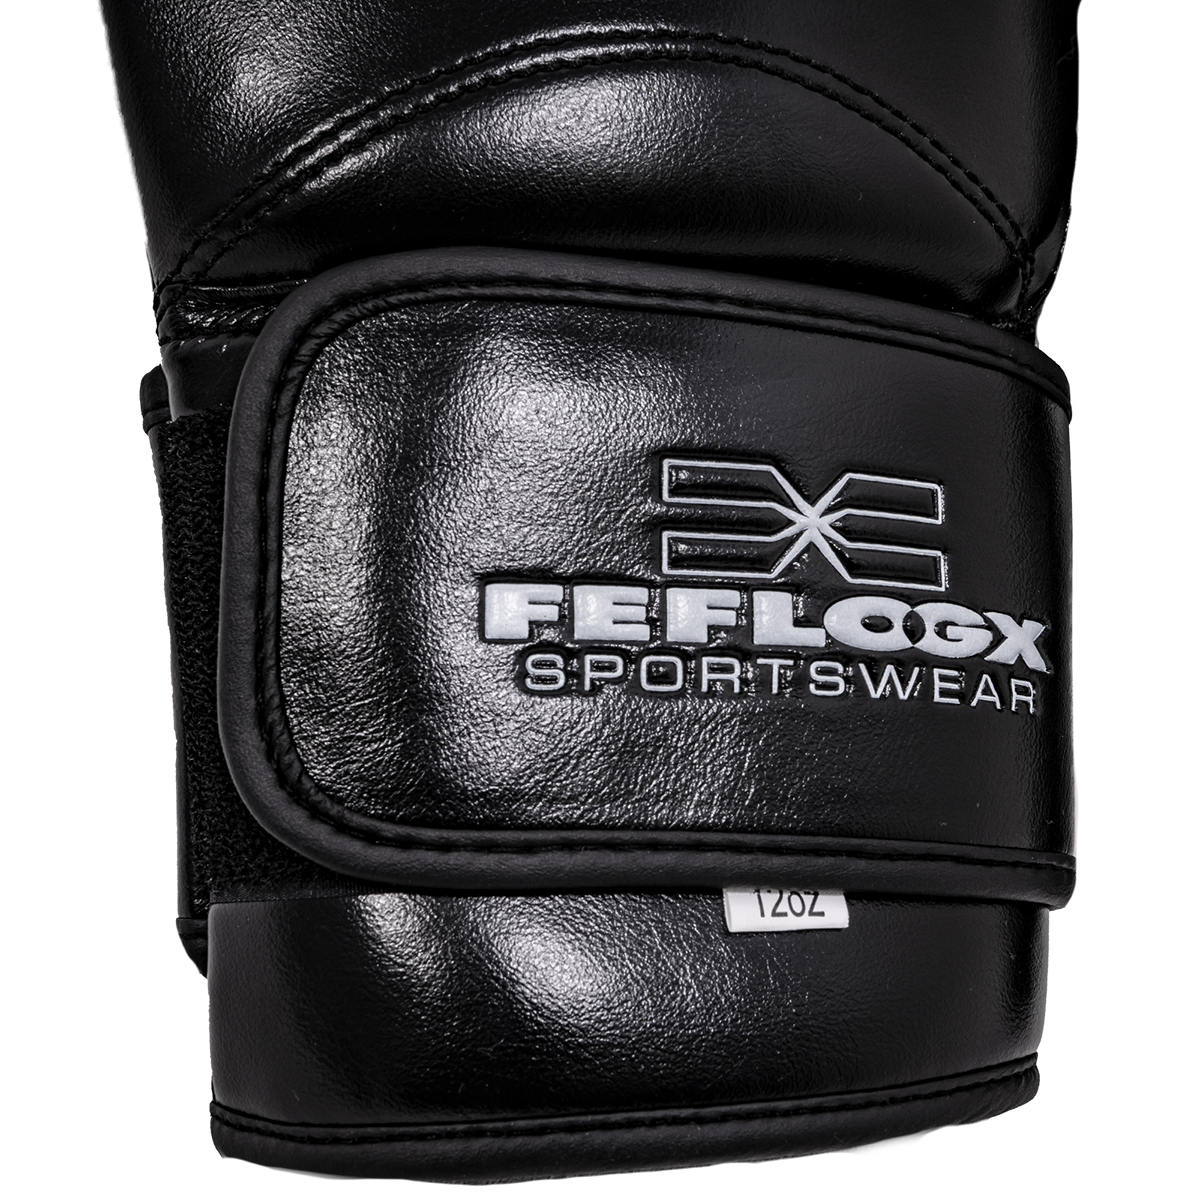 Verschluss, Profi Boxhandschuhe EXC Move von FEFLOGX Sportswear, 10 & 12 & 14 & 16 Unzen, Boxen, hochwertigstes Echt-Leder.